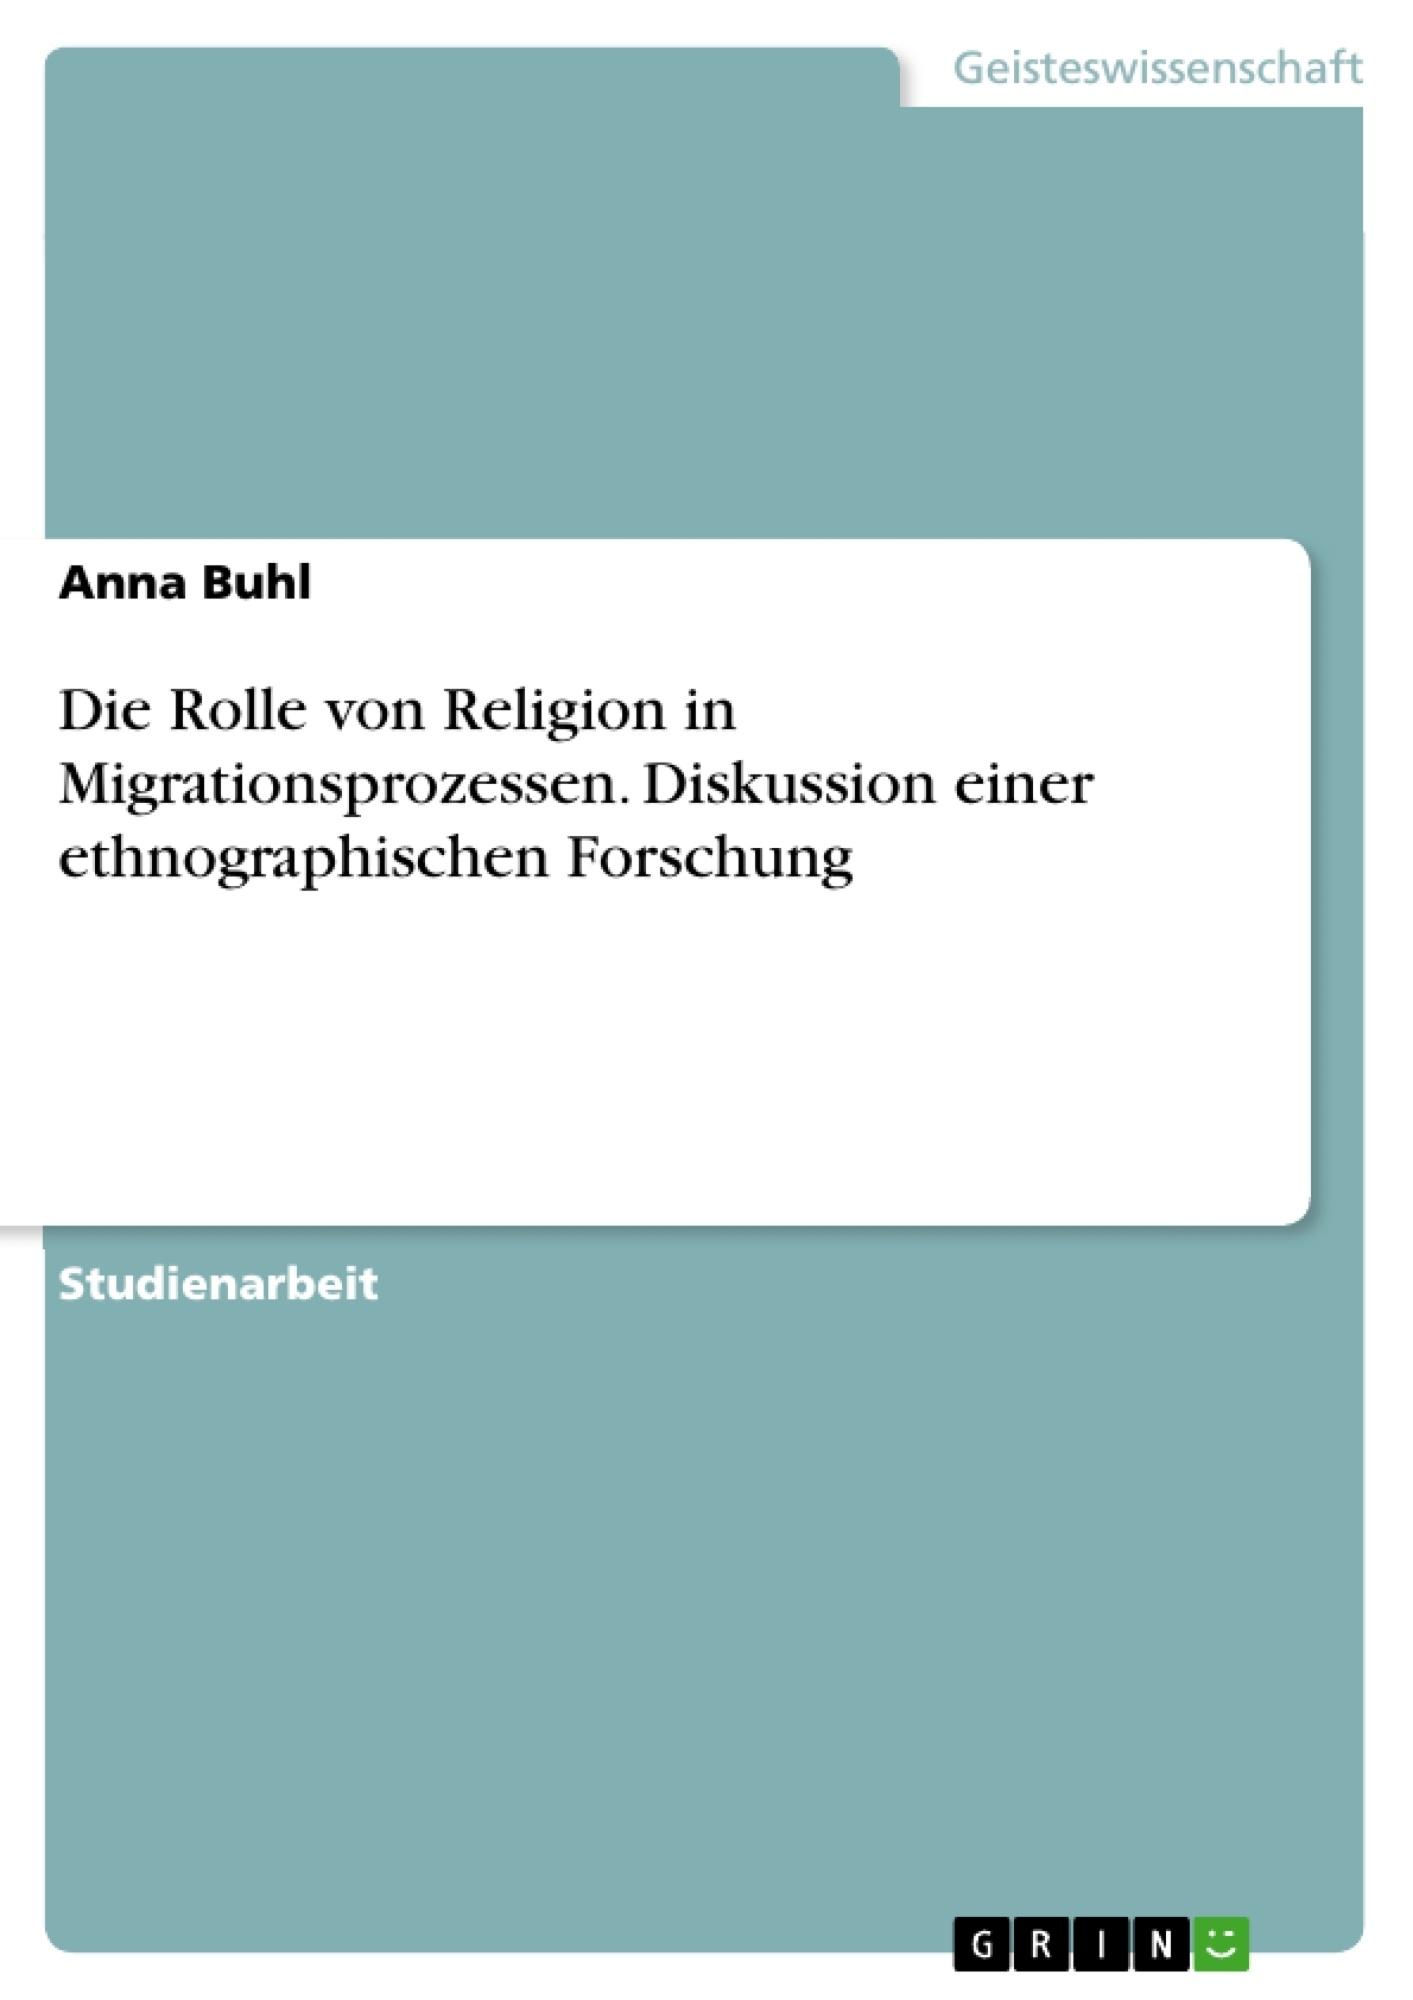 Titel: Die Rolle von Religion in Migrationsprozessen. Diskussion einer ethnographischen Forschung